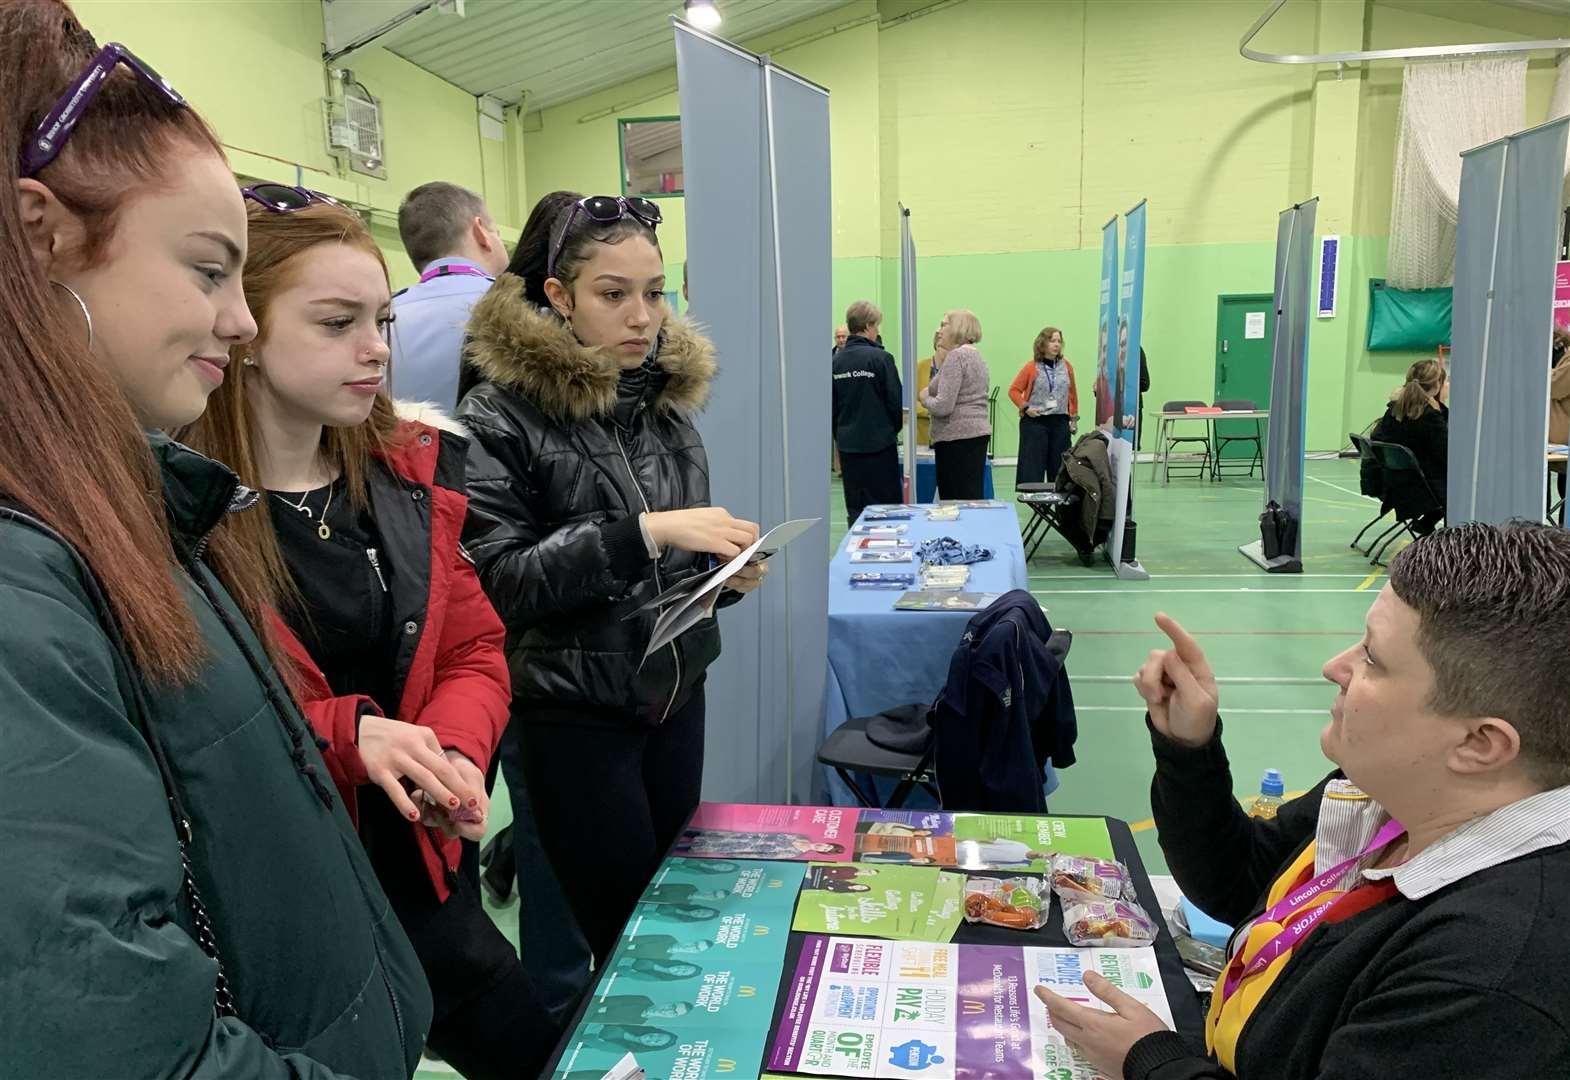 Newark College hosts Careers Fair during National Careers Week